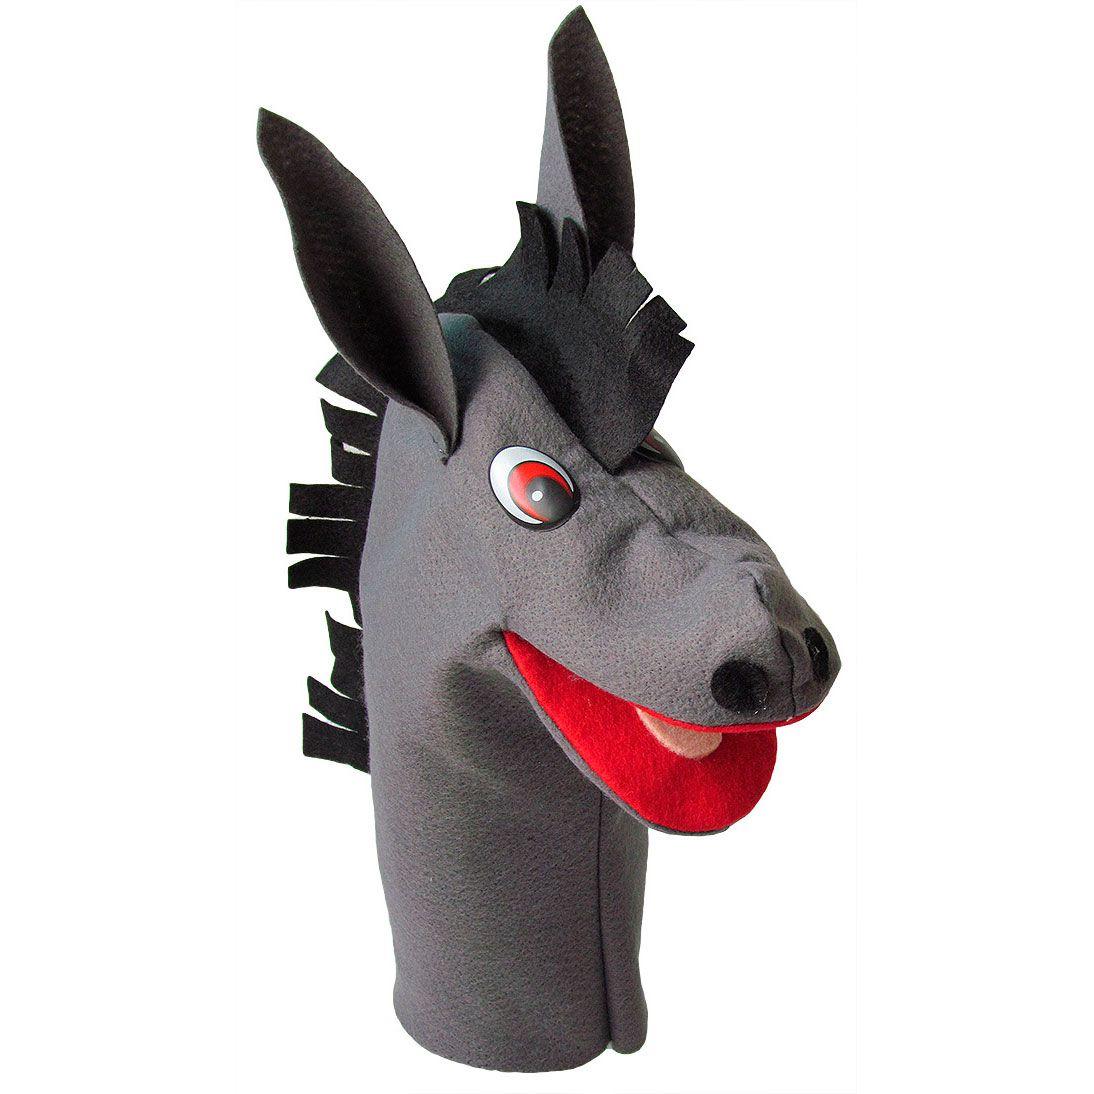 Fantoche de Cavalo